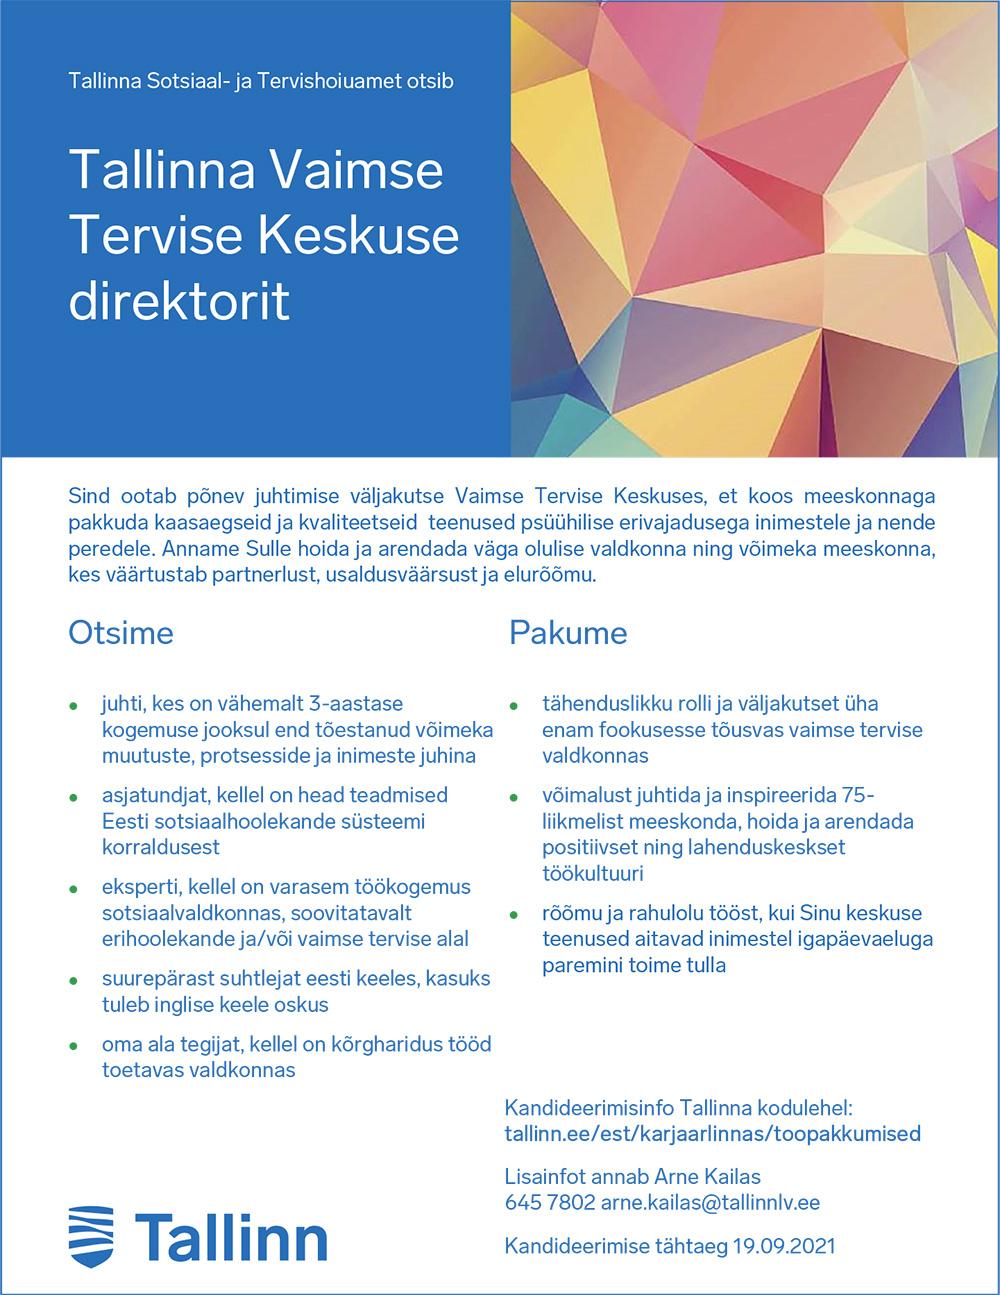 TALLINNA VAIMSE TERVISE KESKUSE DIREKTOR